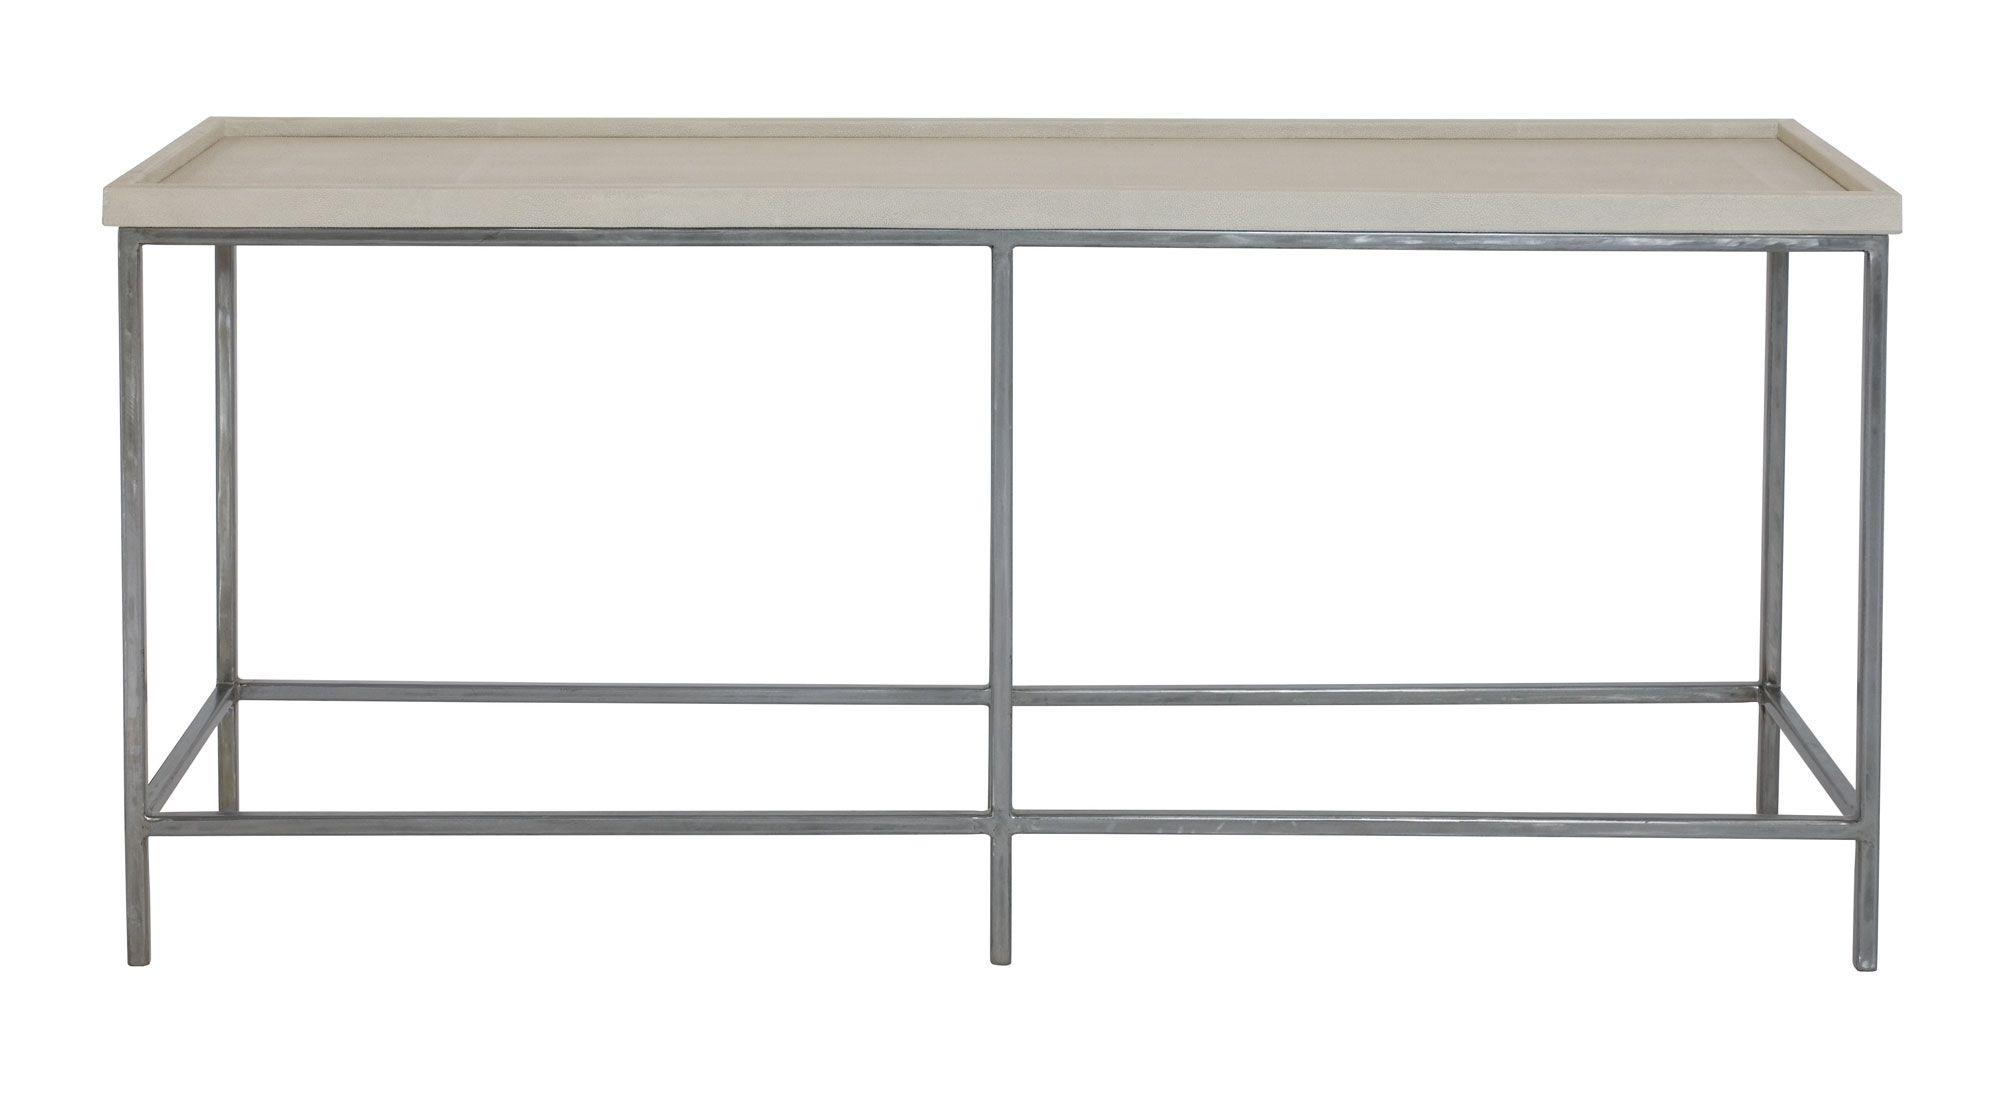 348 913 caspian console table bernhardt w 64 d 18 h 30 faux 348 913 caspian console table bernhardt w 64 d 18 h 30 faux shagreen geotapseo Choice Image